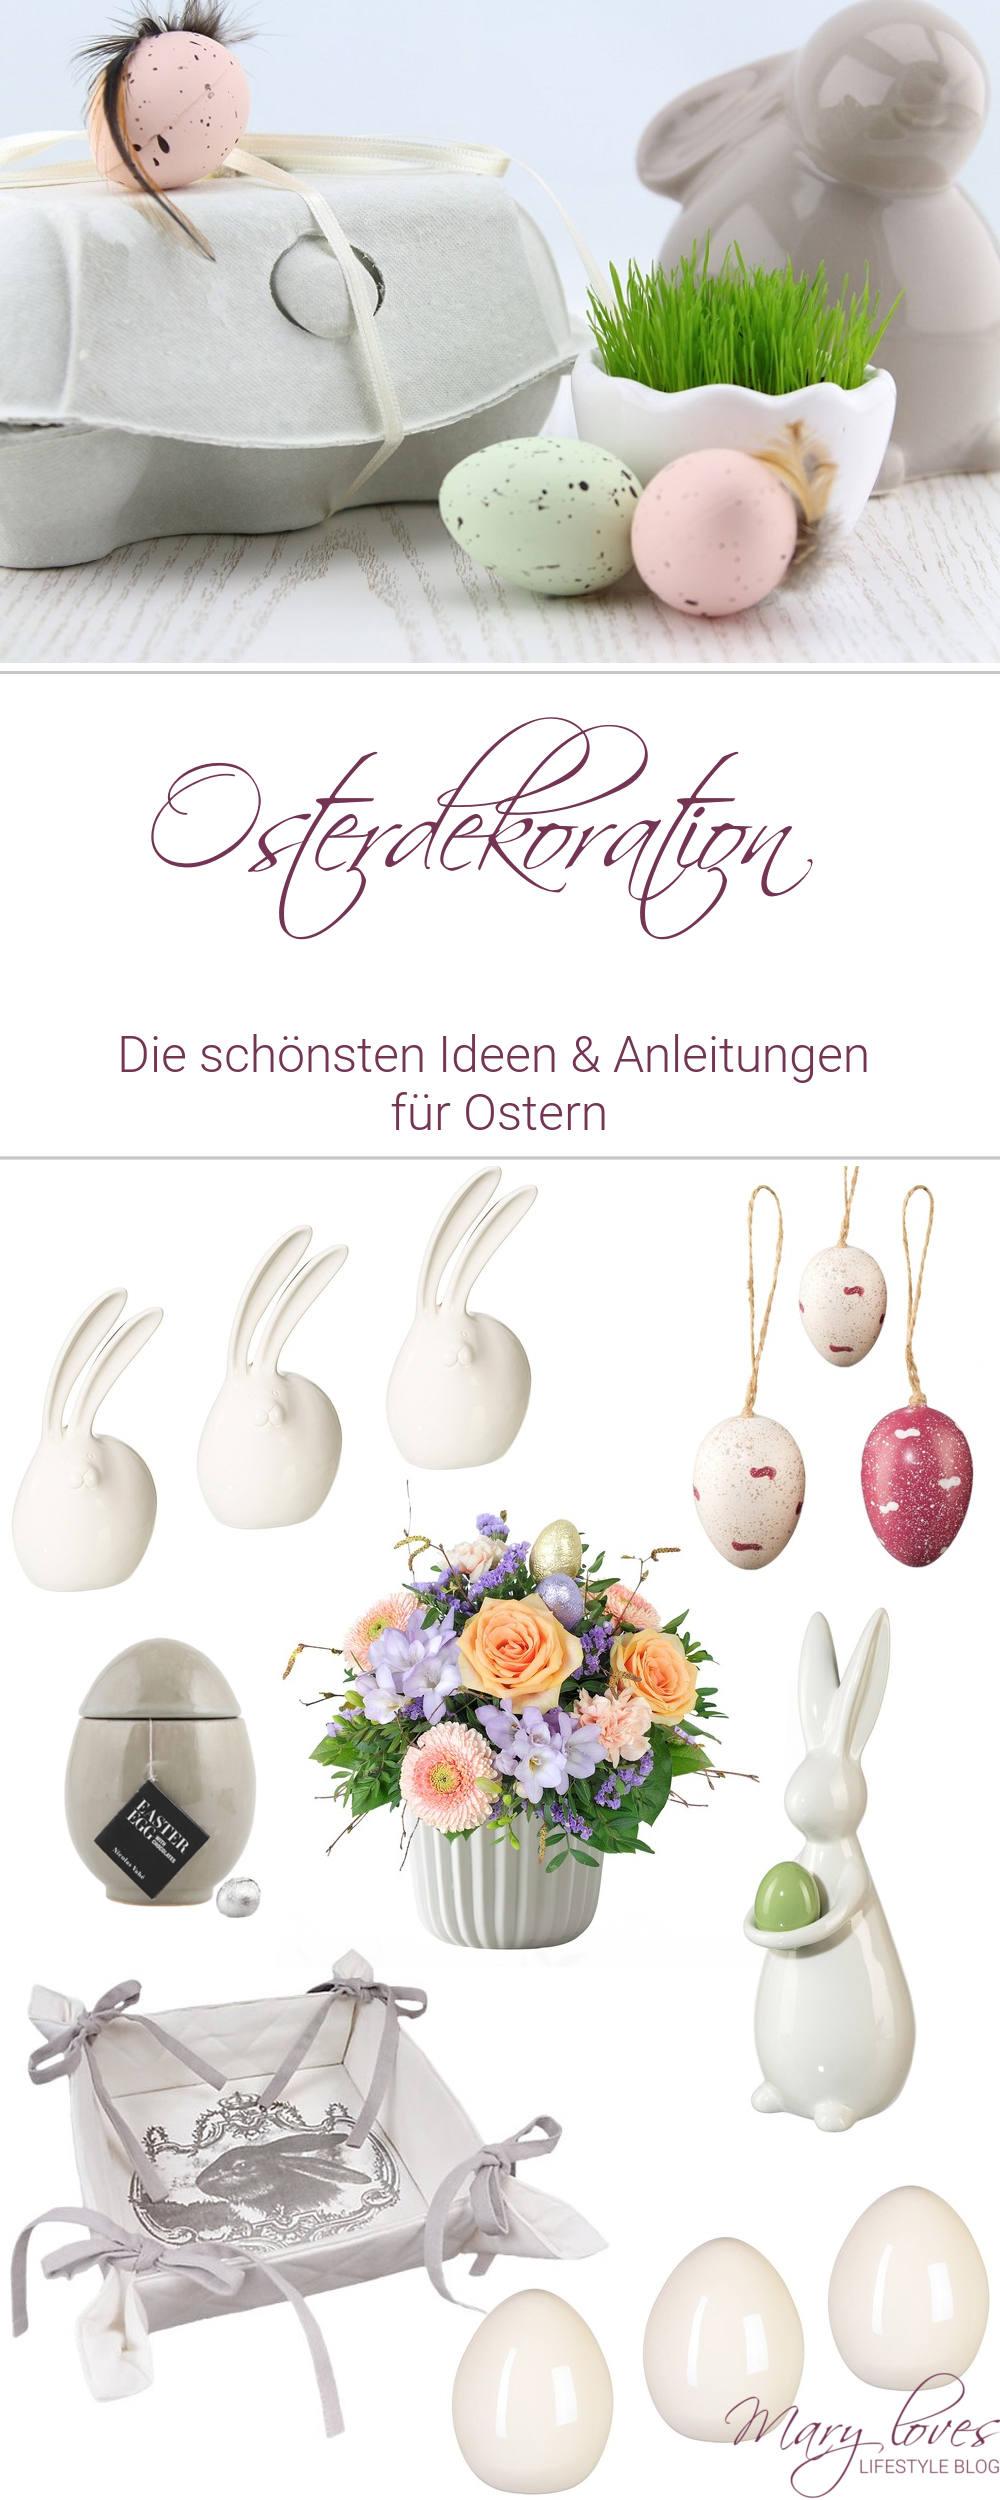 [Werbung unbeauftragt] Osterdeko - Die schönsten Ideen und Anleitungen für's Osterfest - #ostern #osterdeko #osterdekoration #osterdiy #osterbasteln #ostereier #osterhasen #froheostern